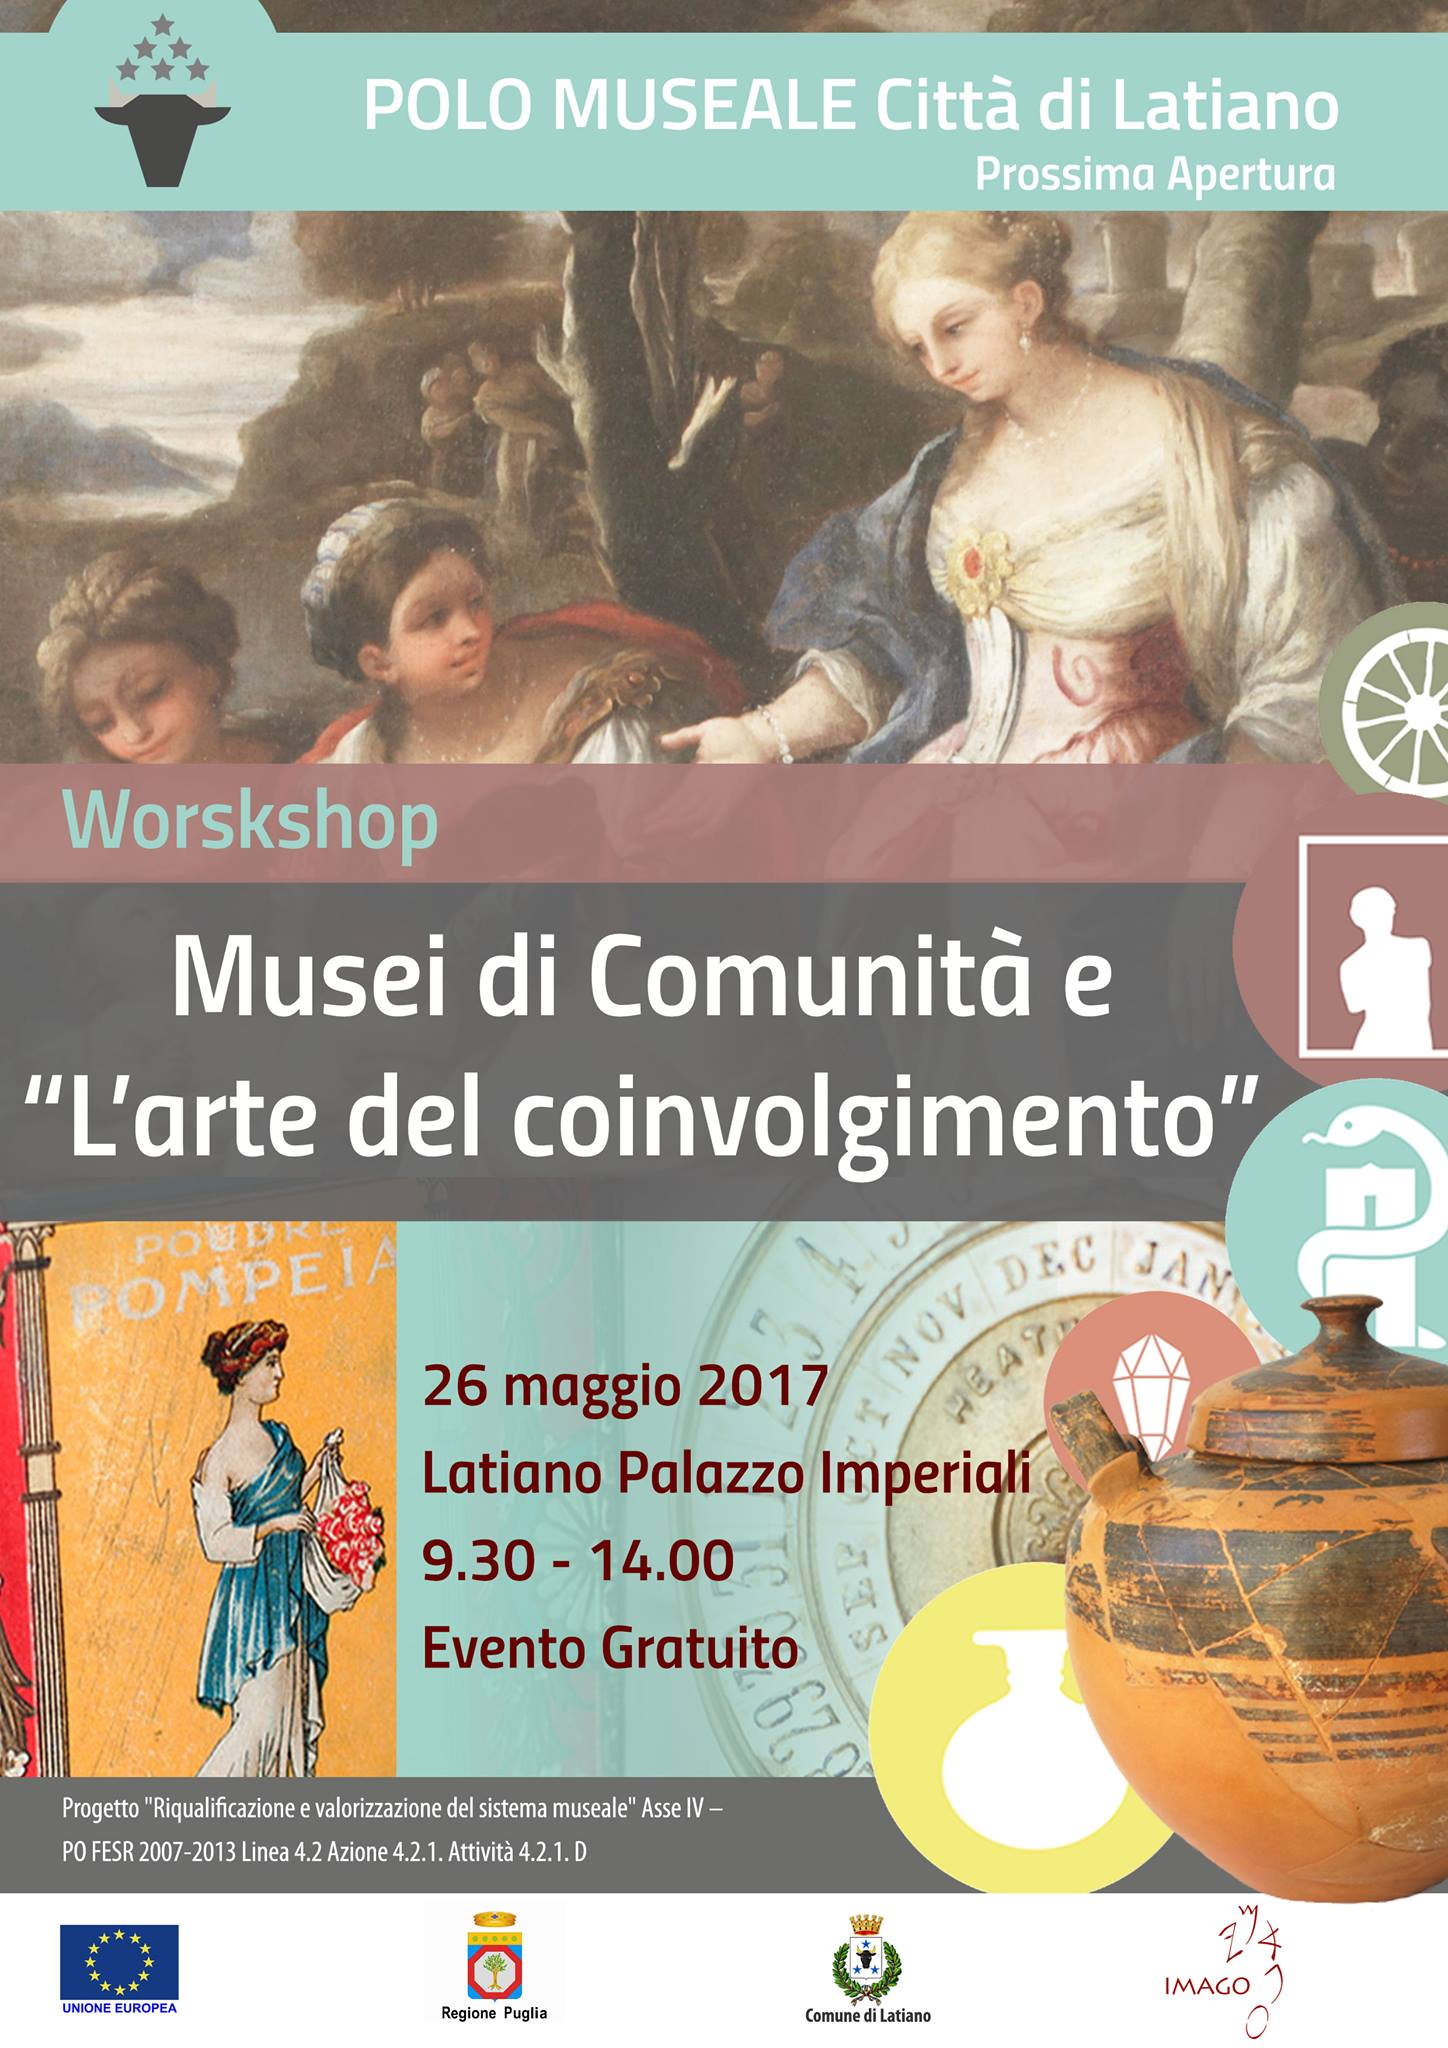 Musei di comunità e